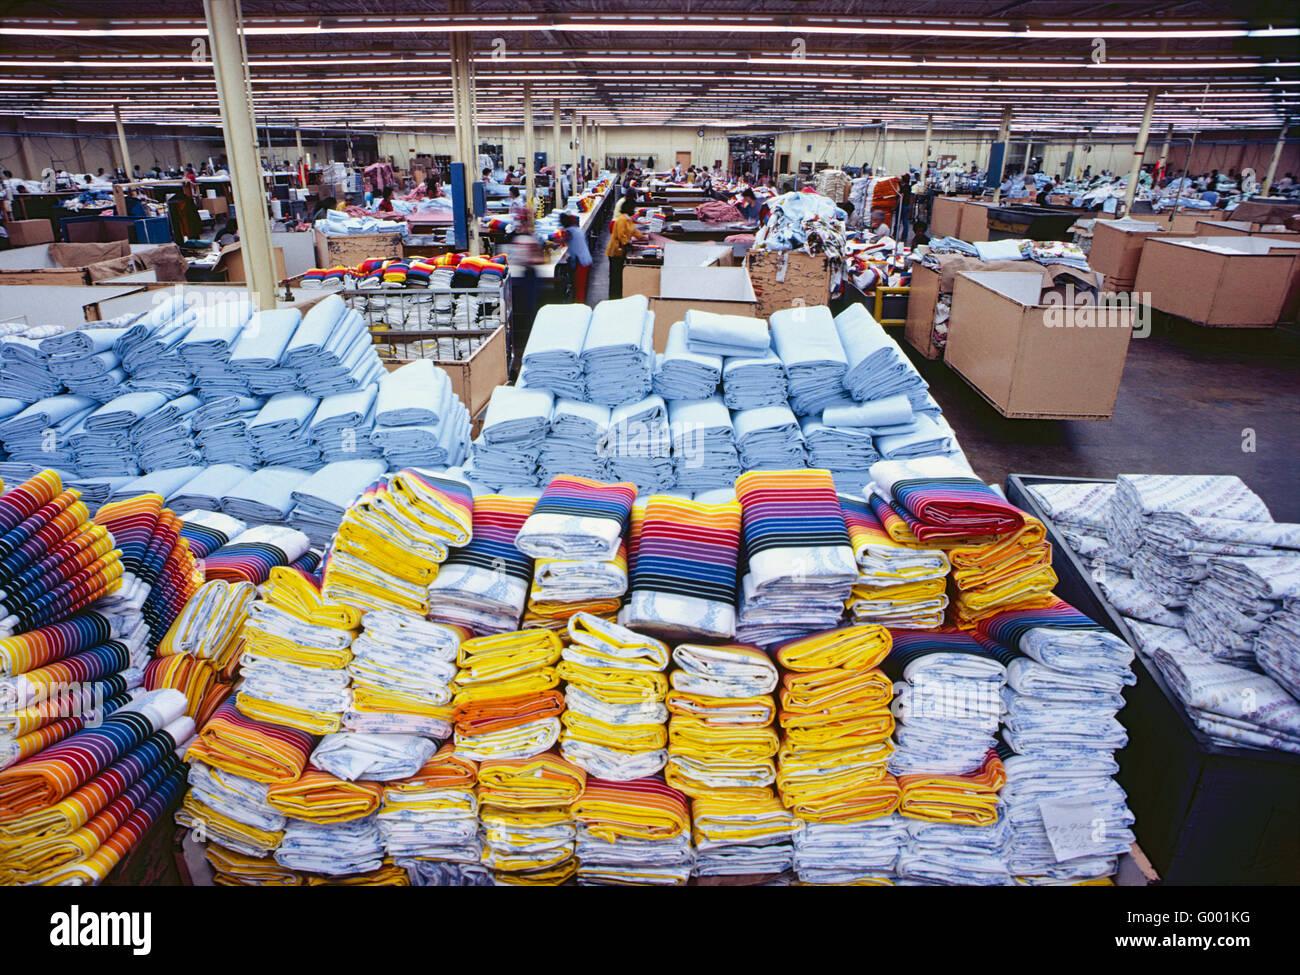 Stapel von bunten fertigen Baumwoll-Bettwäsche in einem Kleidungsstück, die Produktionsstätte Stockbild